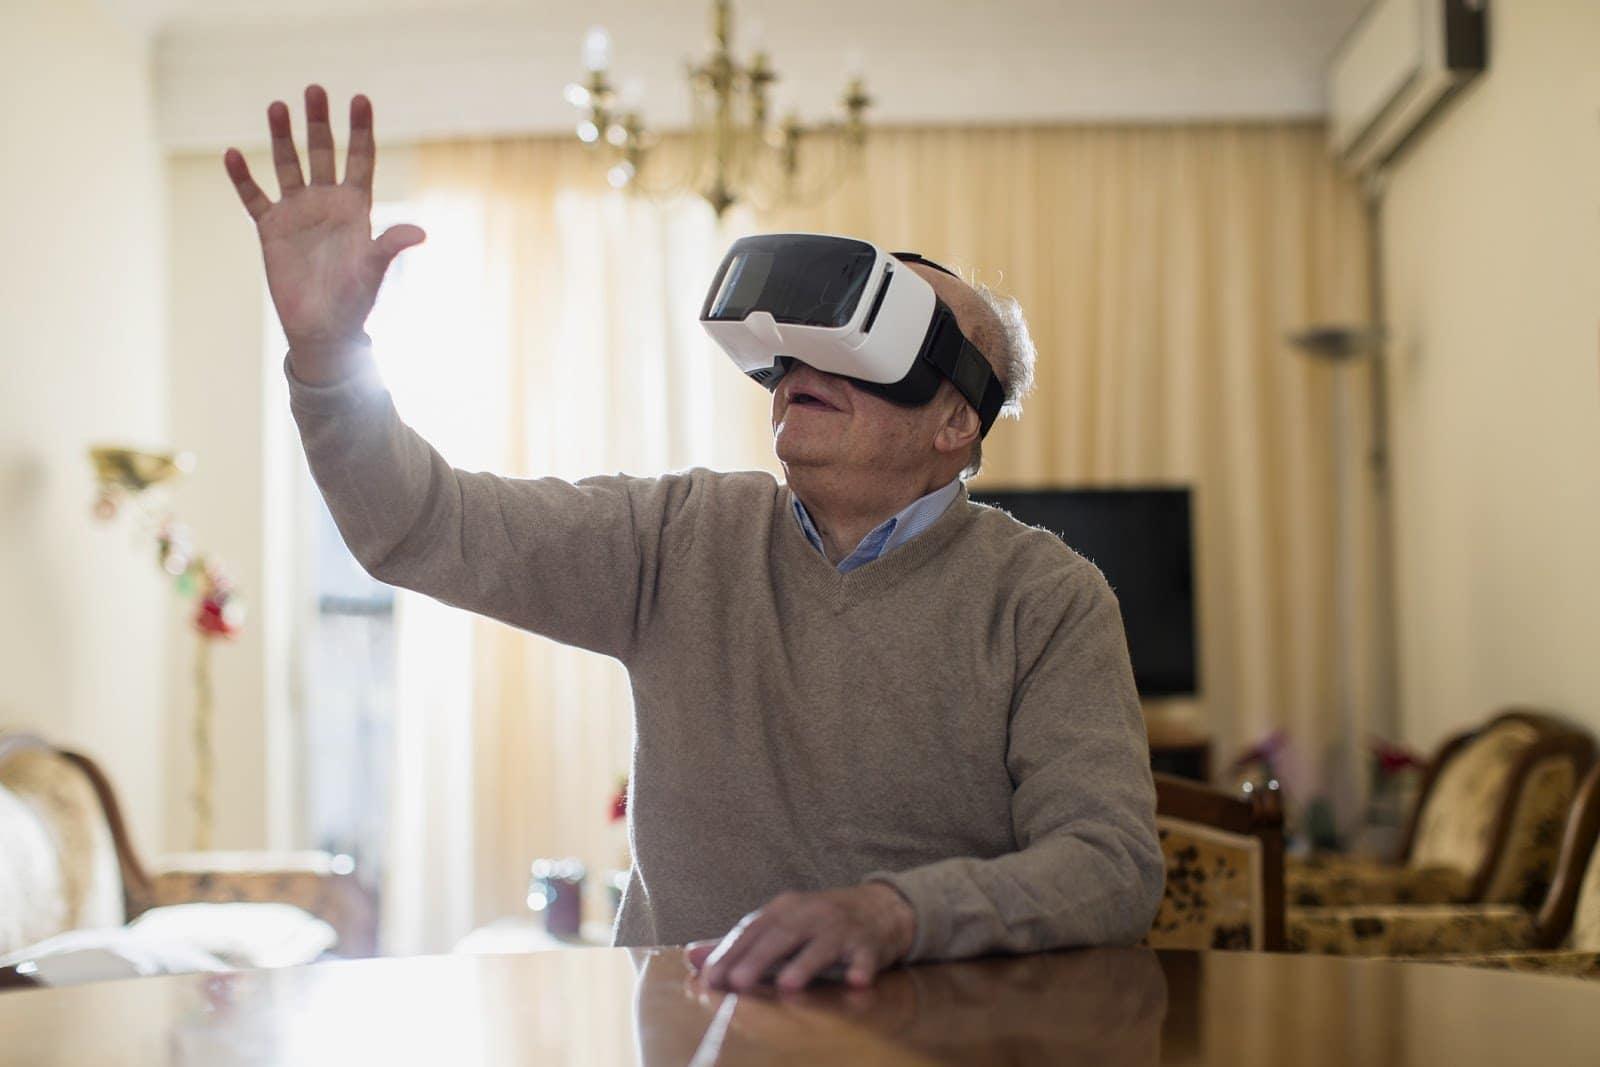 Les casques de r alit virtuelle en EHPAD 6